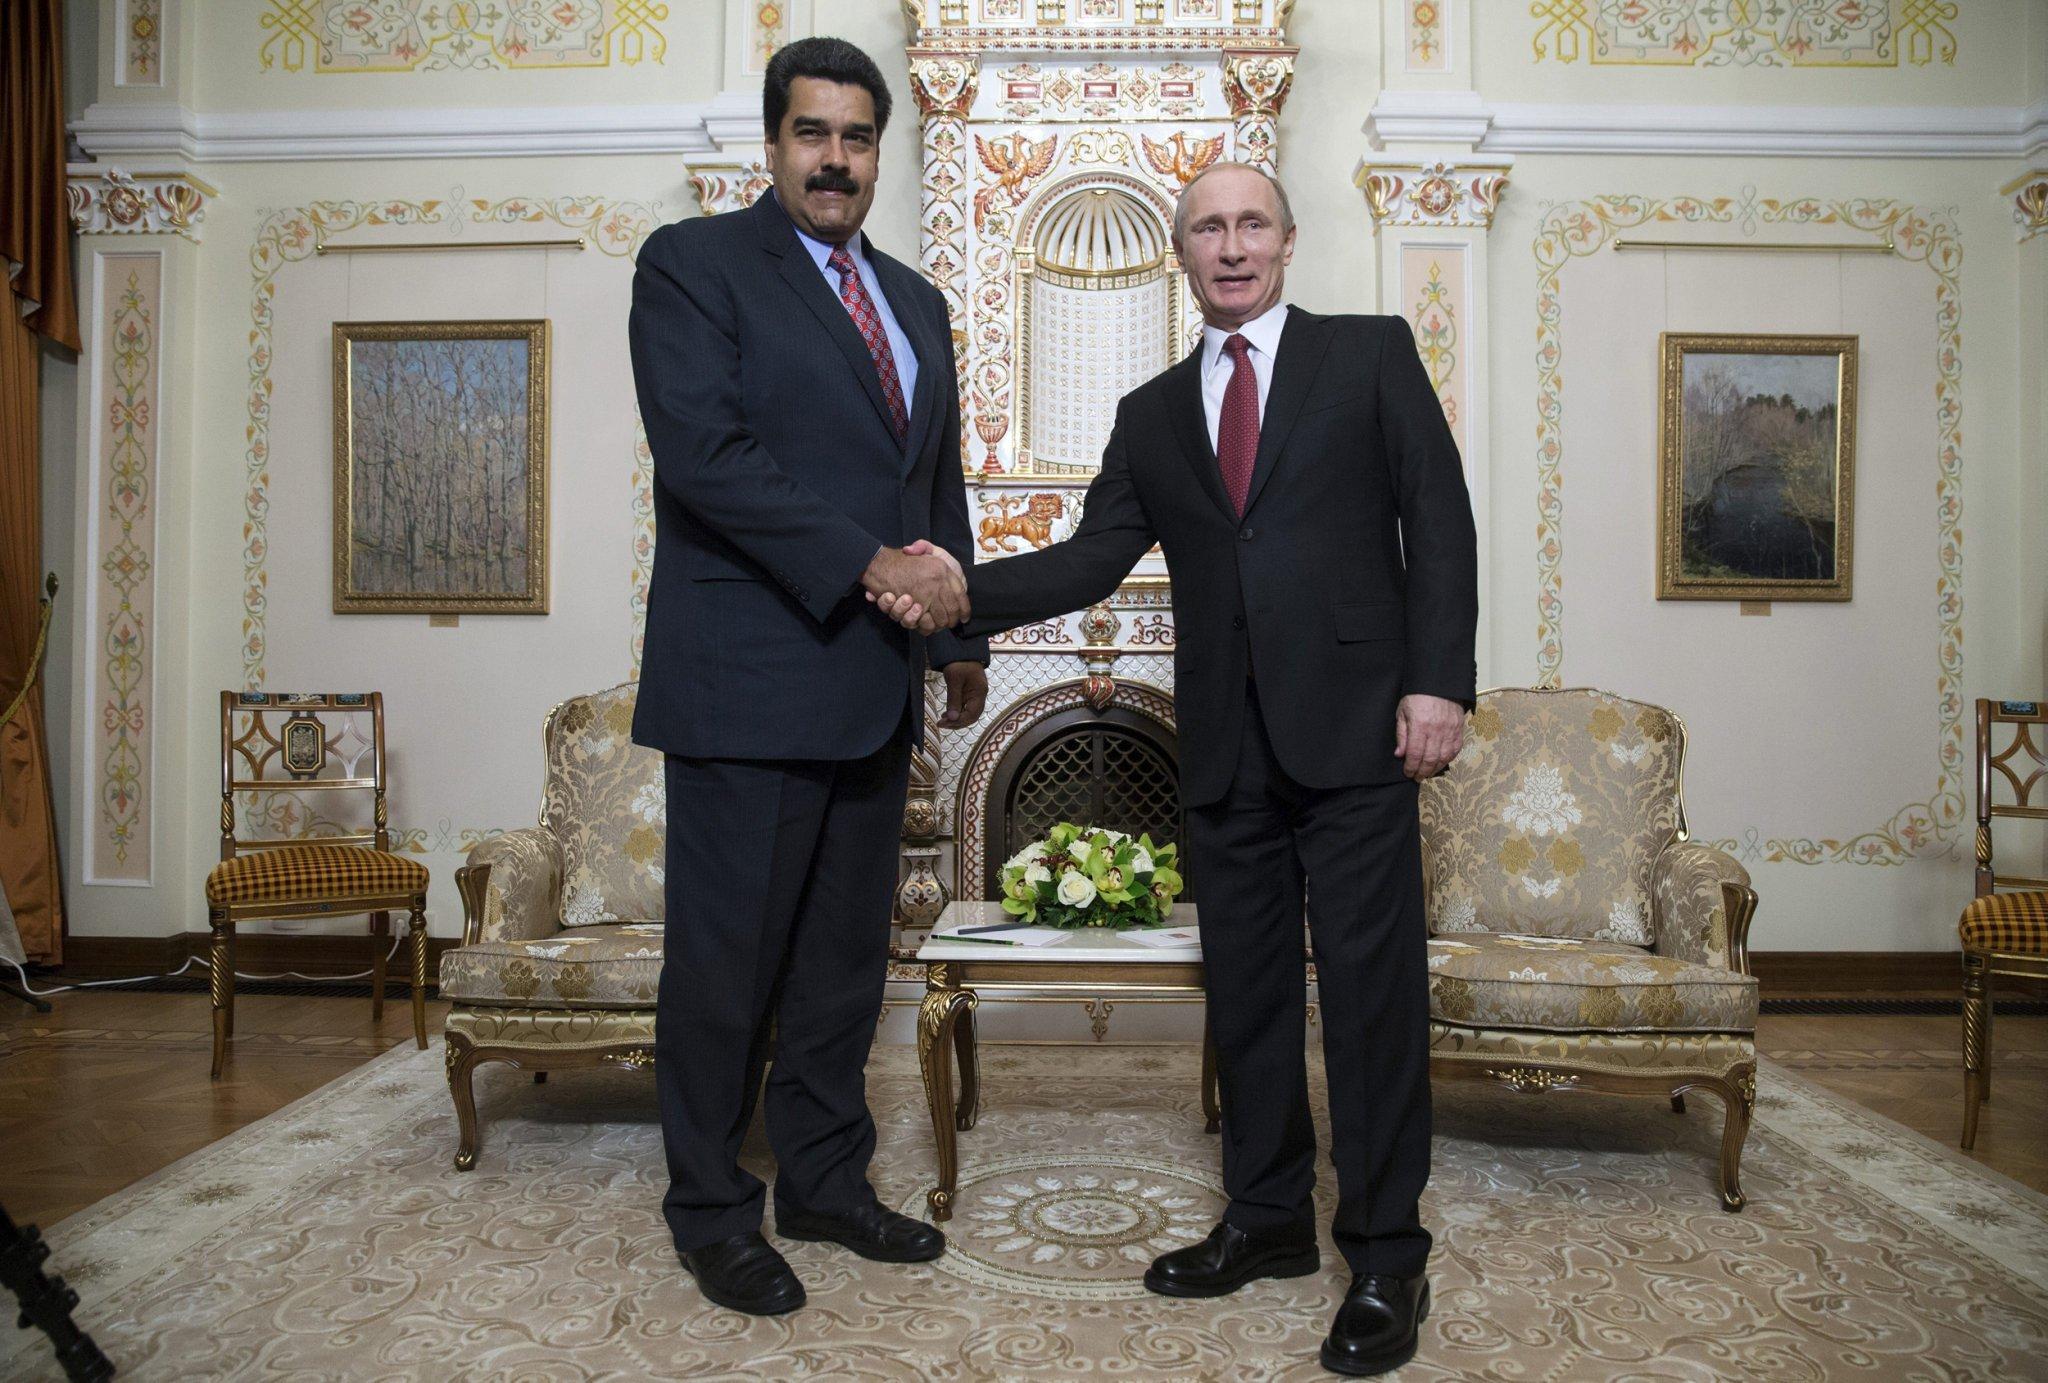 राष्ट्रपति मादुरो का सत्ता से बेदखल होना पुतिन की बड़ी हार